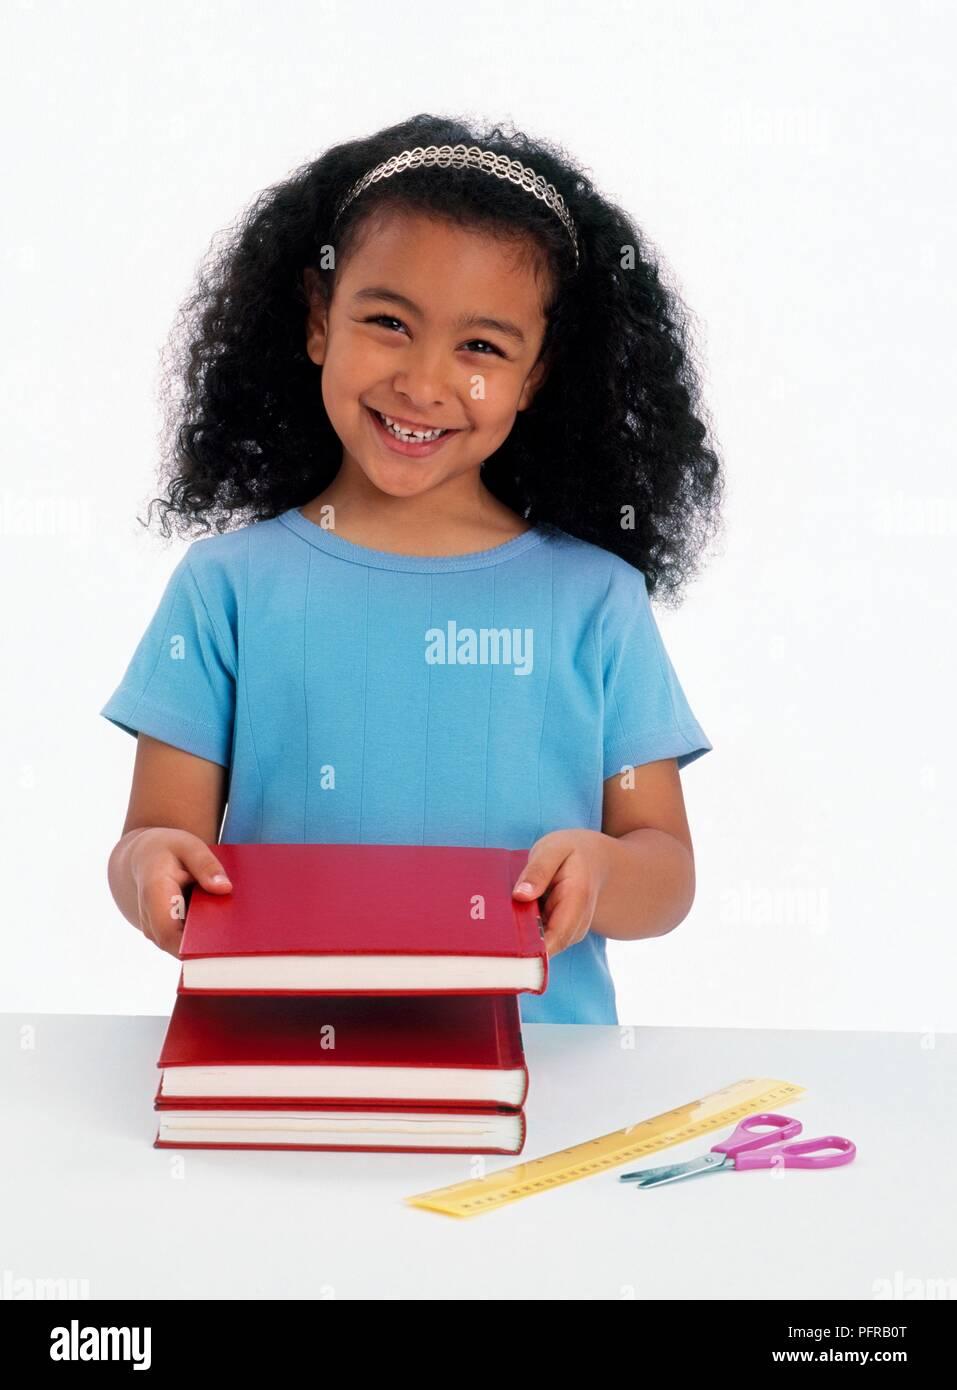 Sechs Jahre altes Mädchen hält ein rotes Hardcover Buch über zwei ...